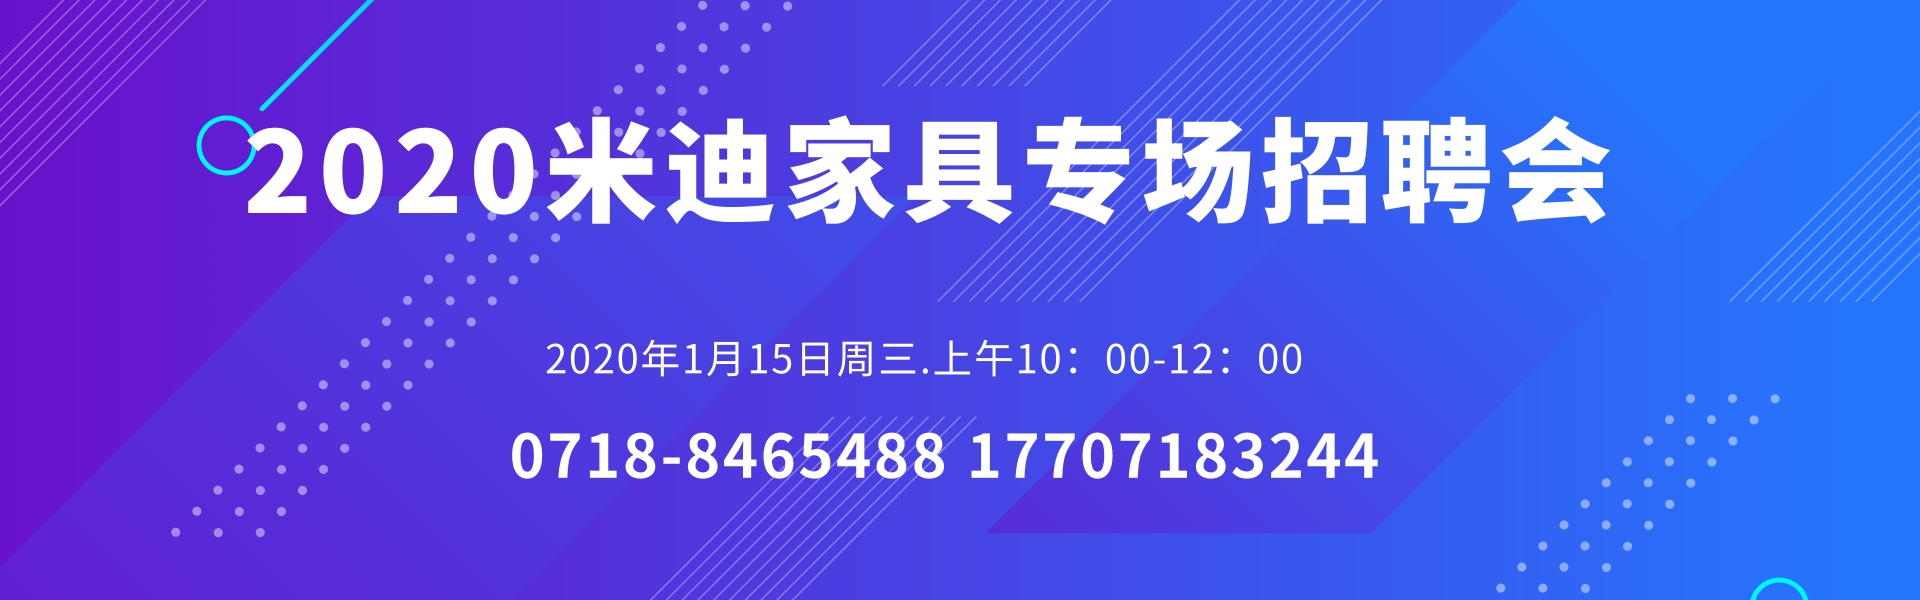 科技风活动会议banner@凡科快图.png